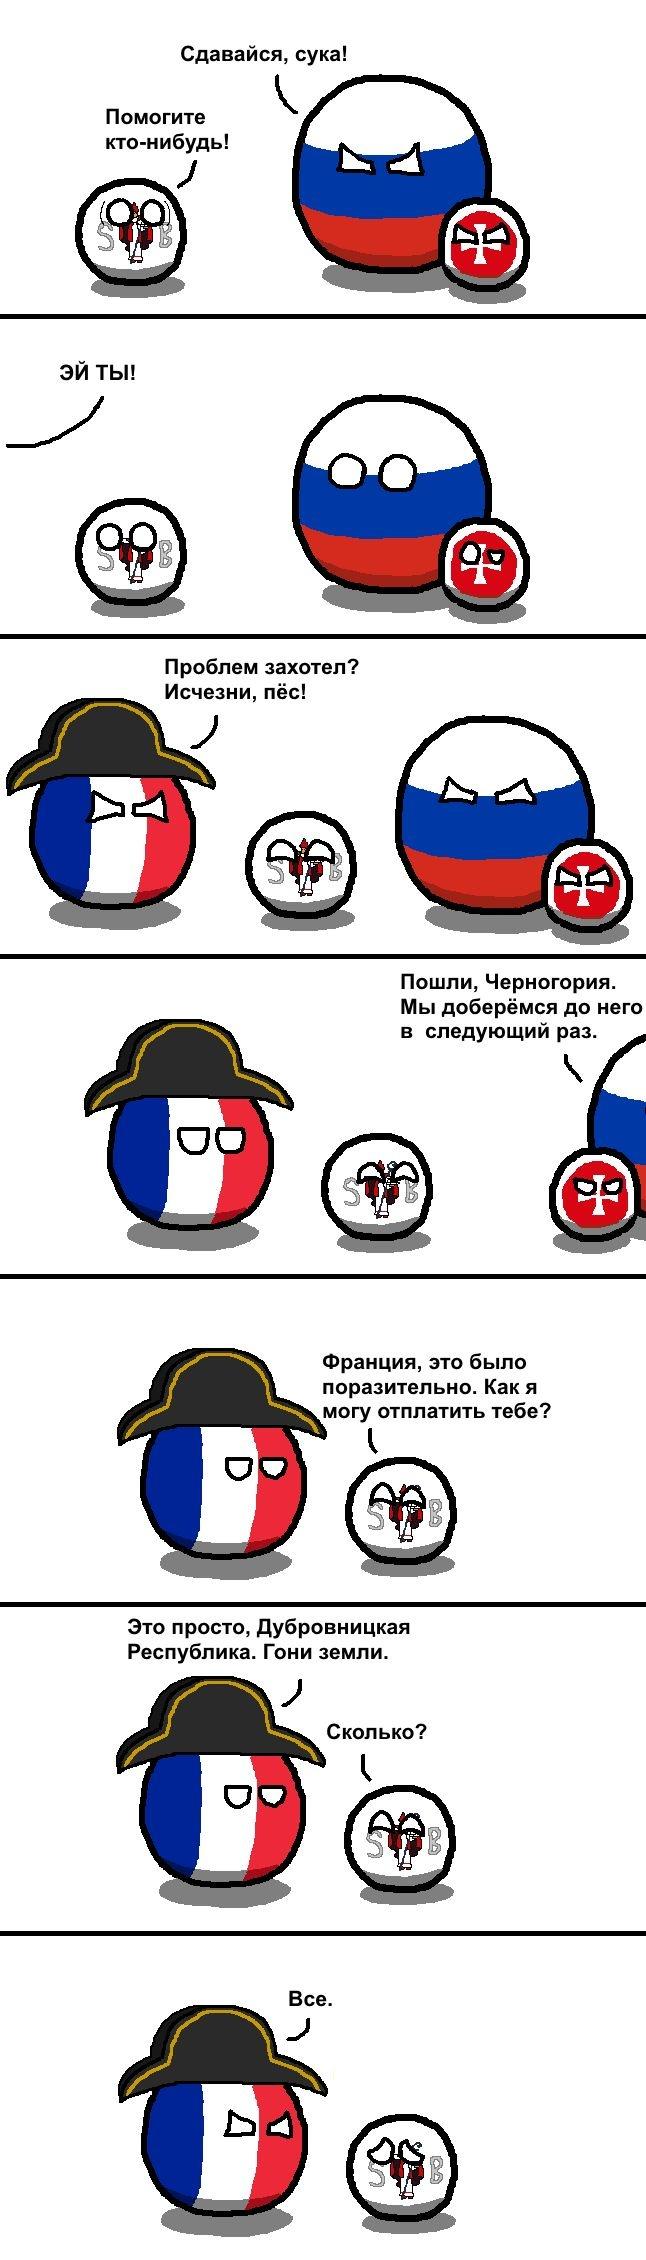 Смешные комиксы (20 картинок) 28.07.2014